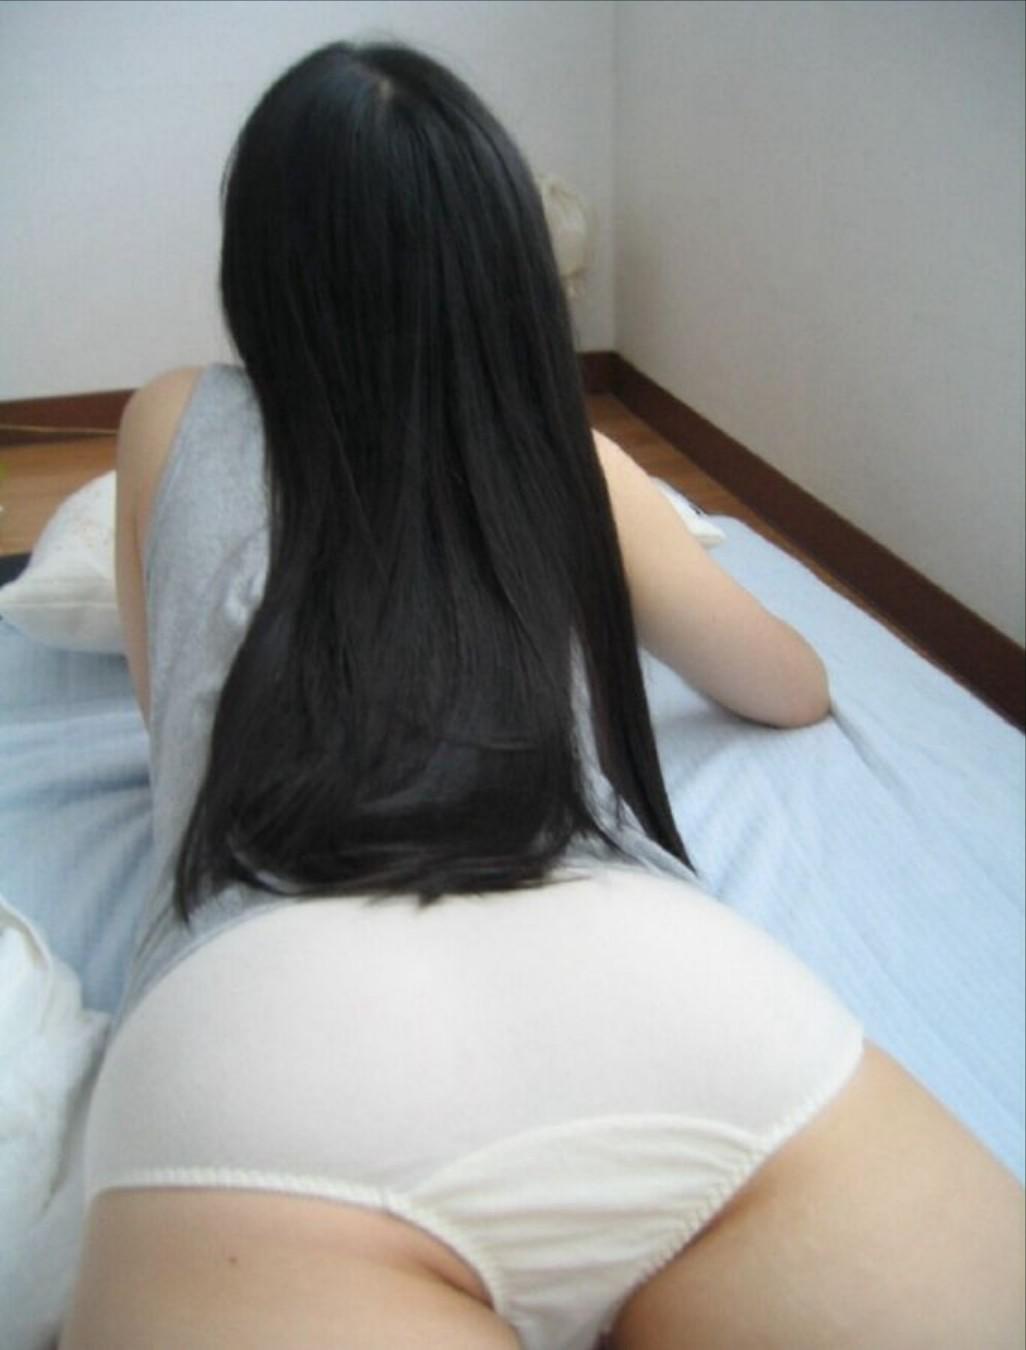 【家庭内】コリアン女性も盗撮はシロウトに限る件(画像38枚)・5枚目